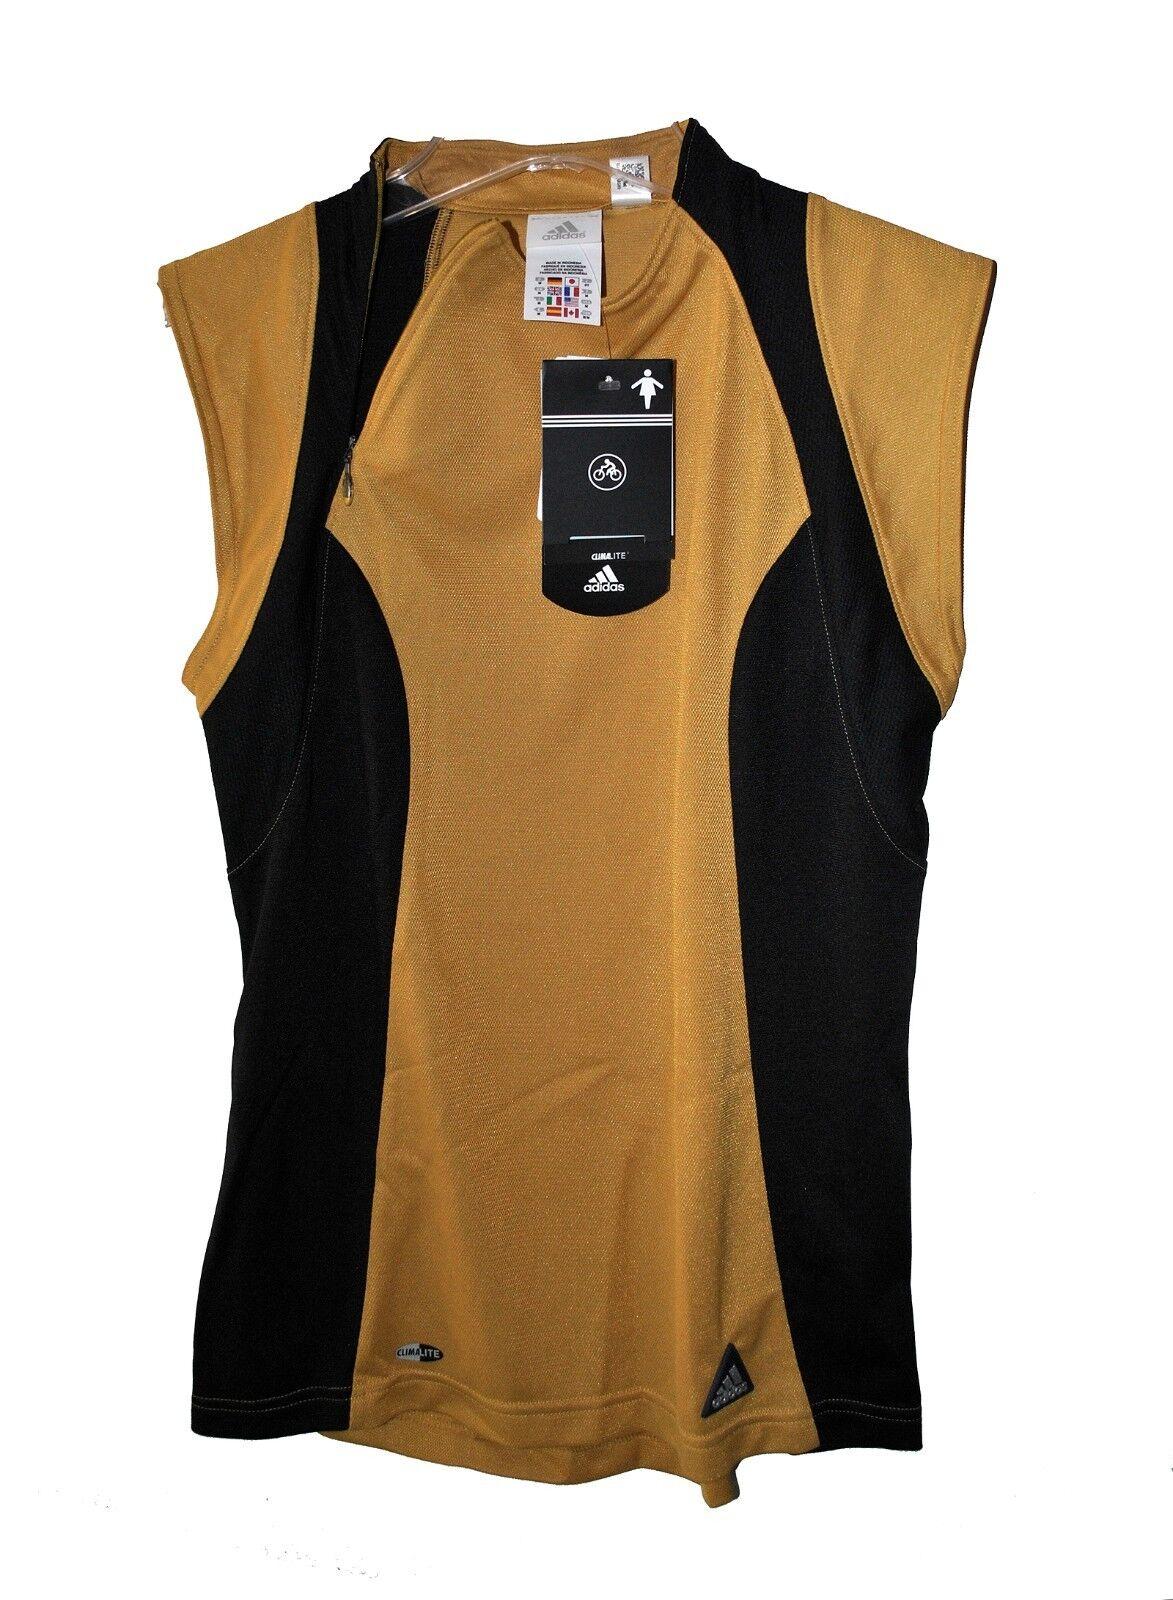 Nouveau maillot M Adidas Trail SL femme sans manches or noir climalite reg